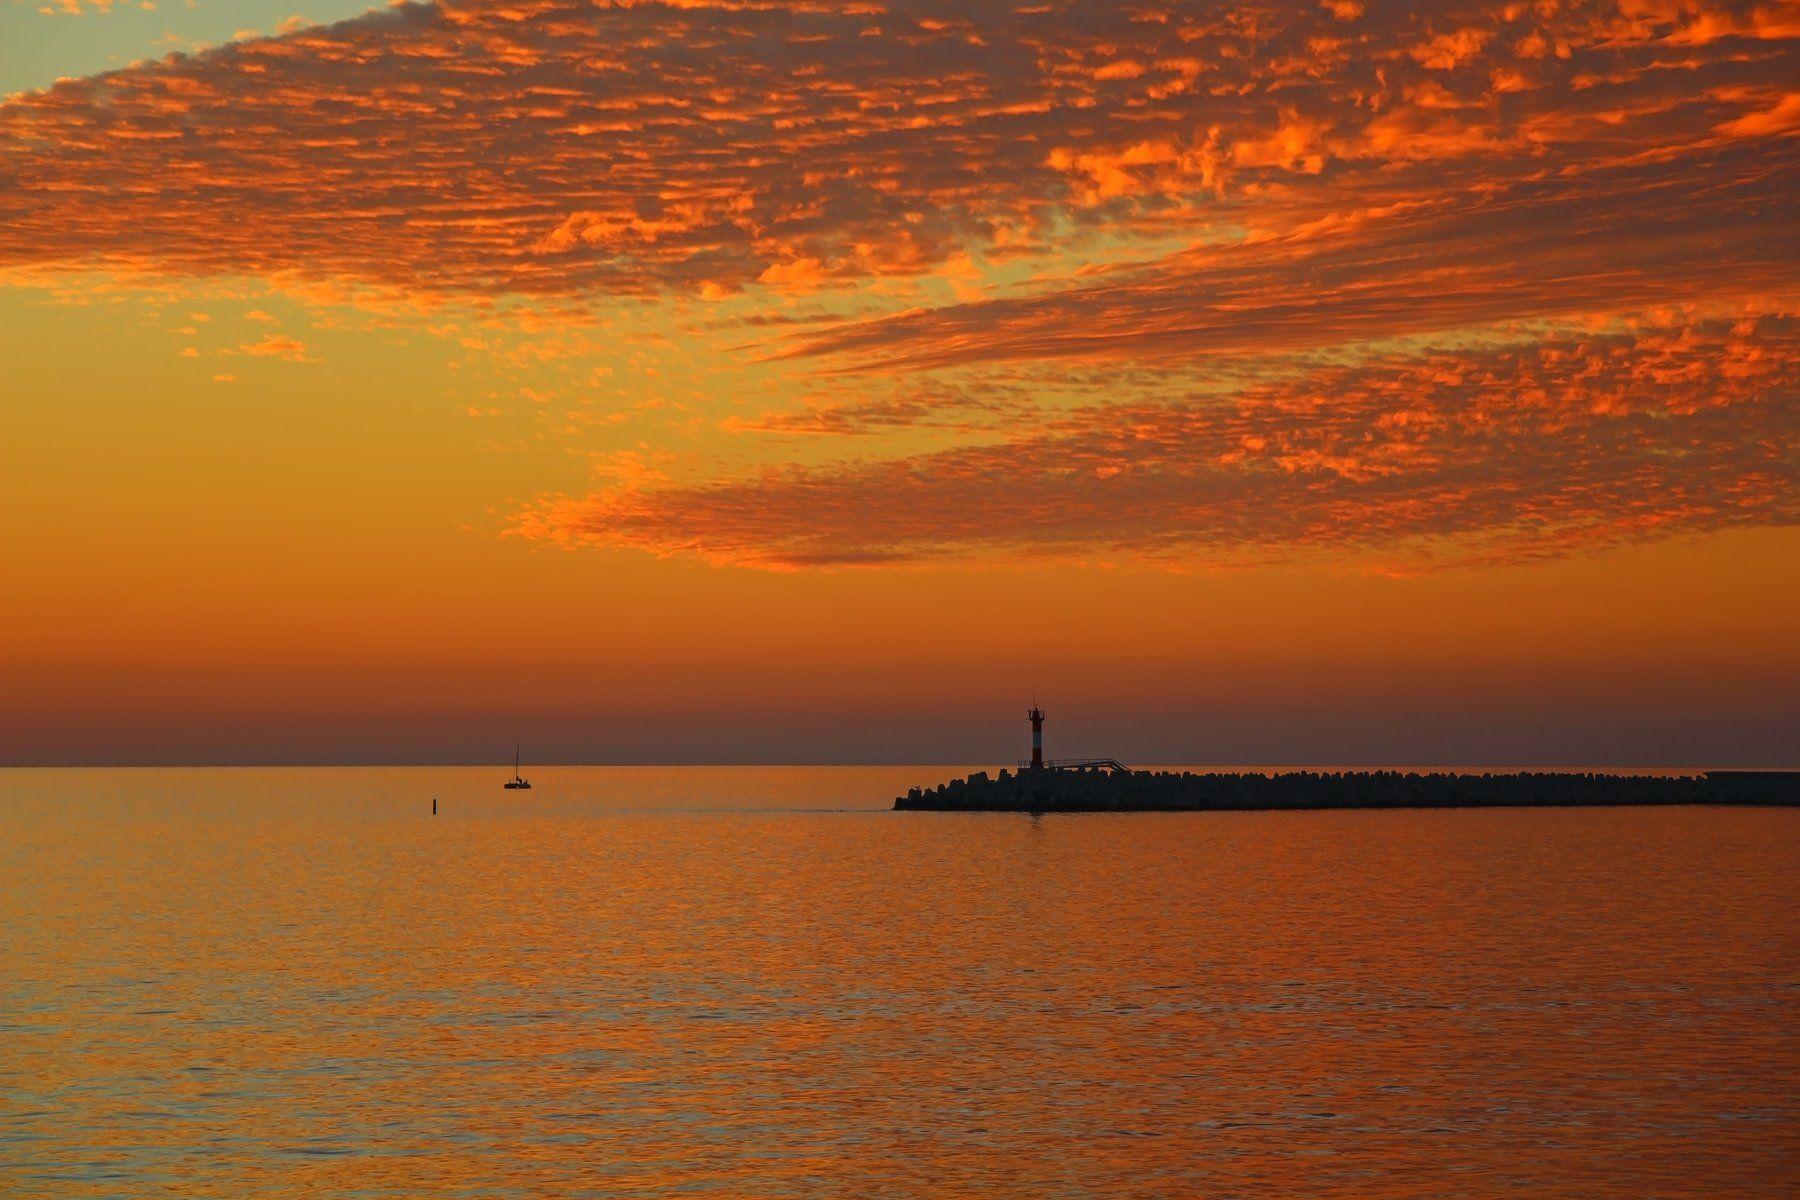 море, закат, Эстелла